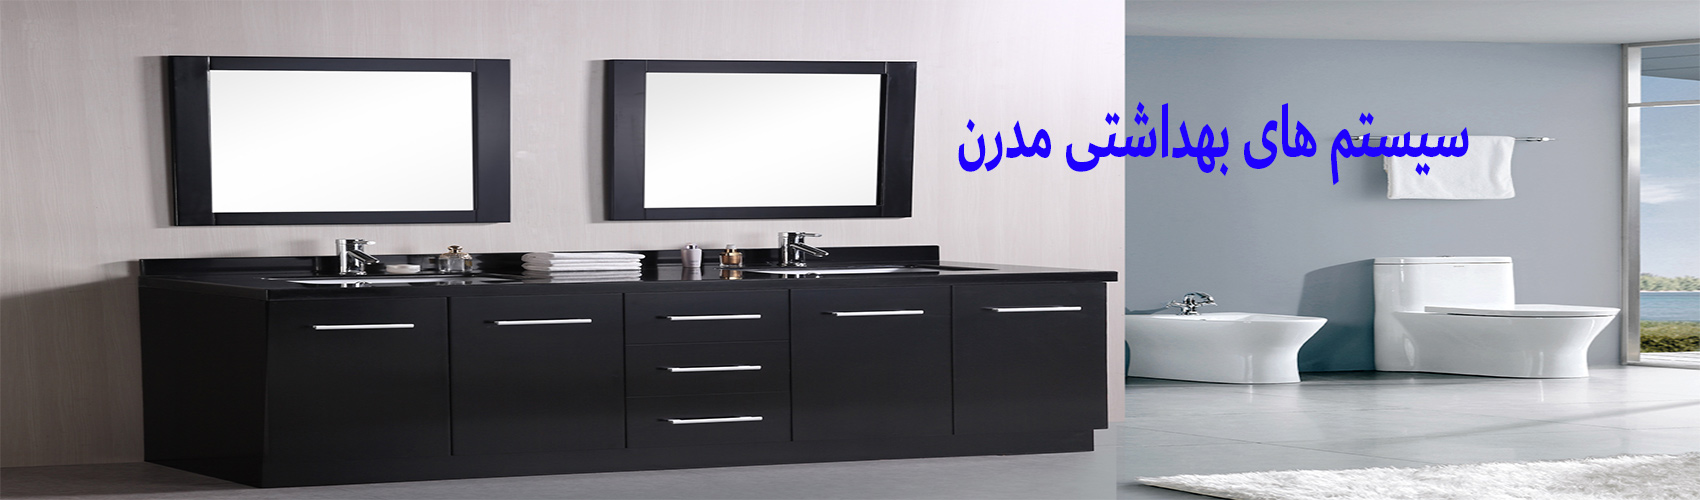 behrad4